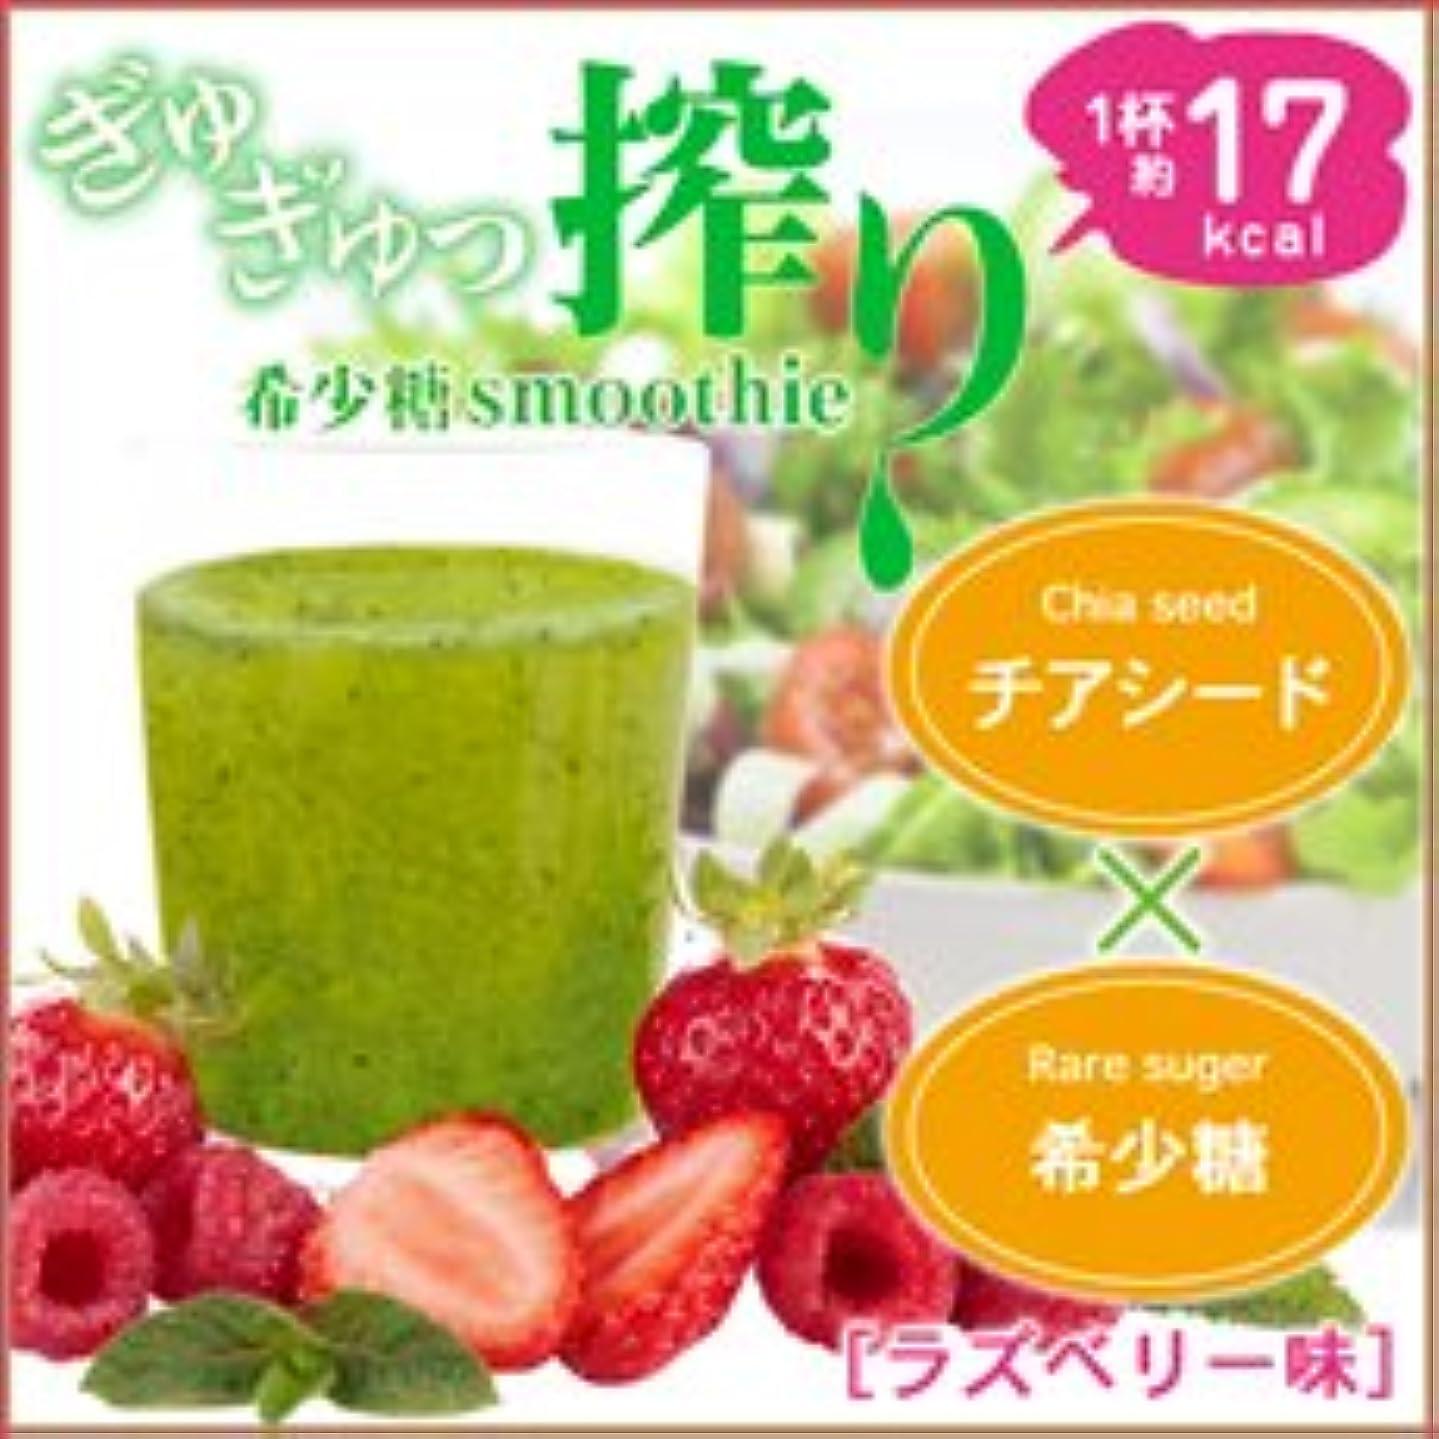 軸コンプリートカレンダーぎゅぎゅっ搾り 希少糖 スムージー ラズベリー味(シェイカーなし)